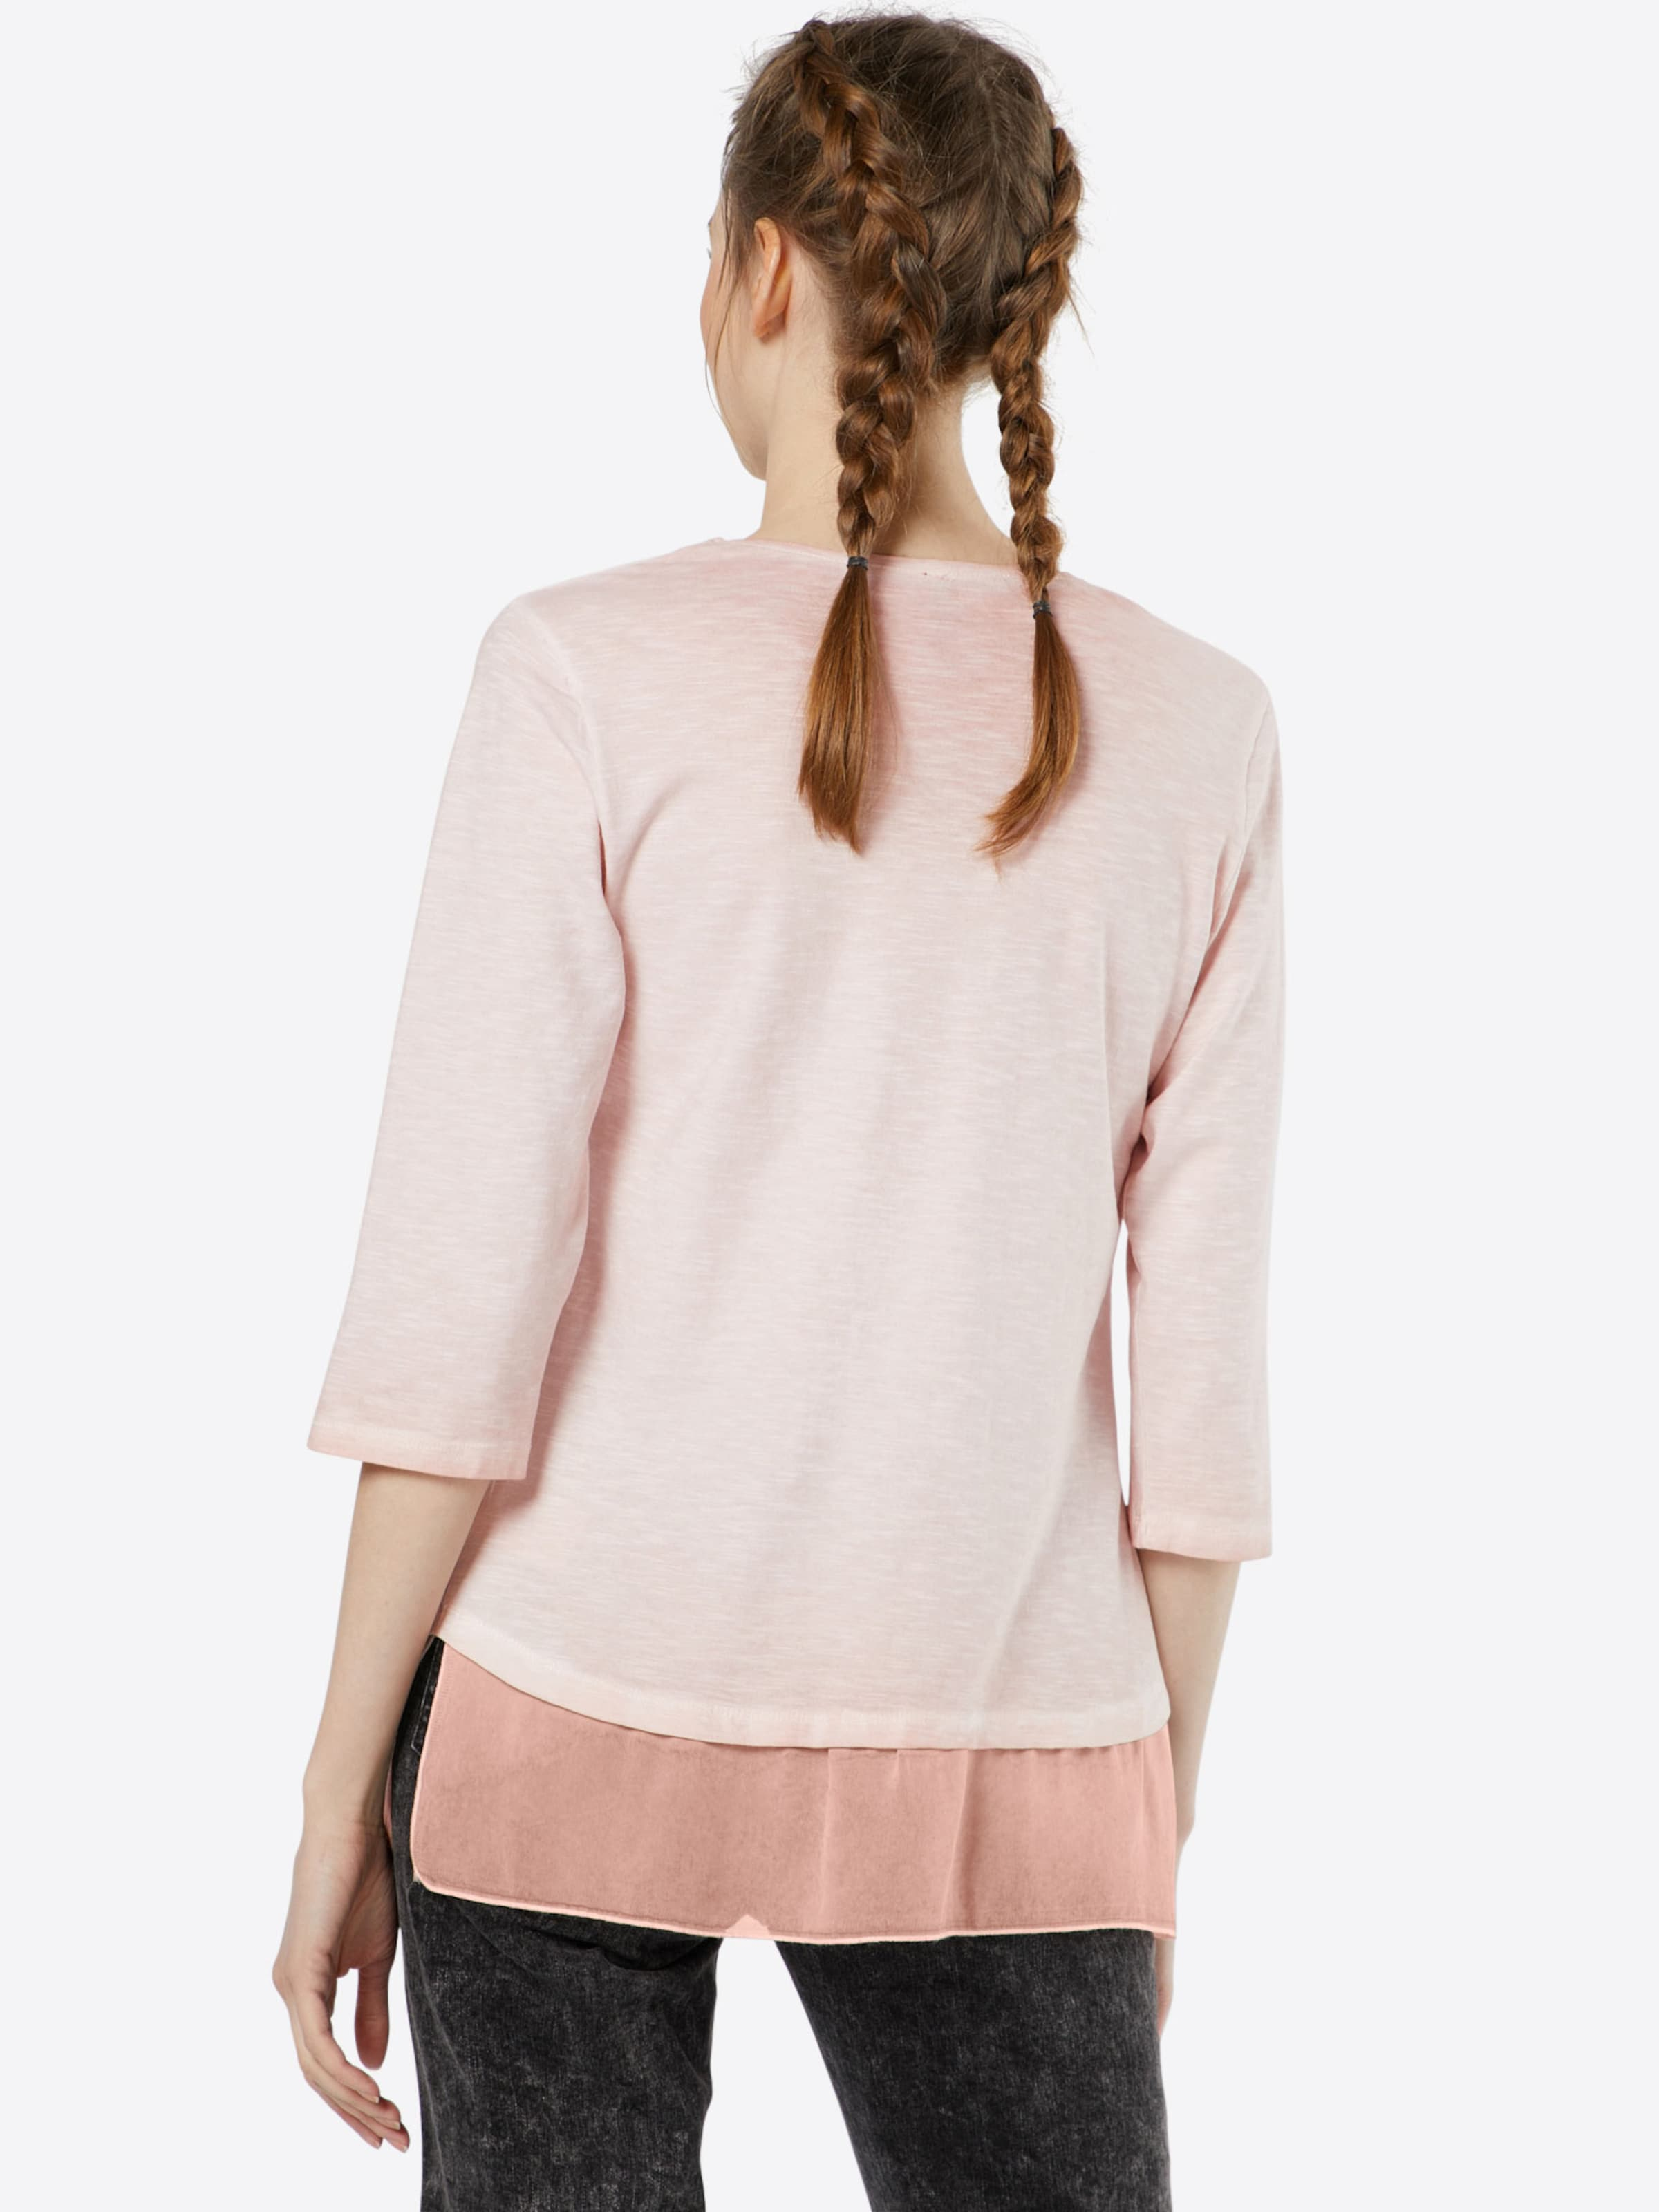 Rosa shirt In 'mega sun' Key Largo Jersey UzjMVpqSLG